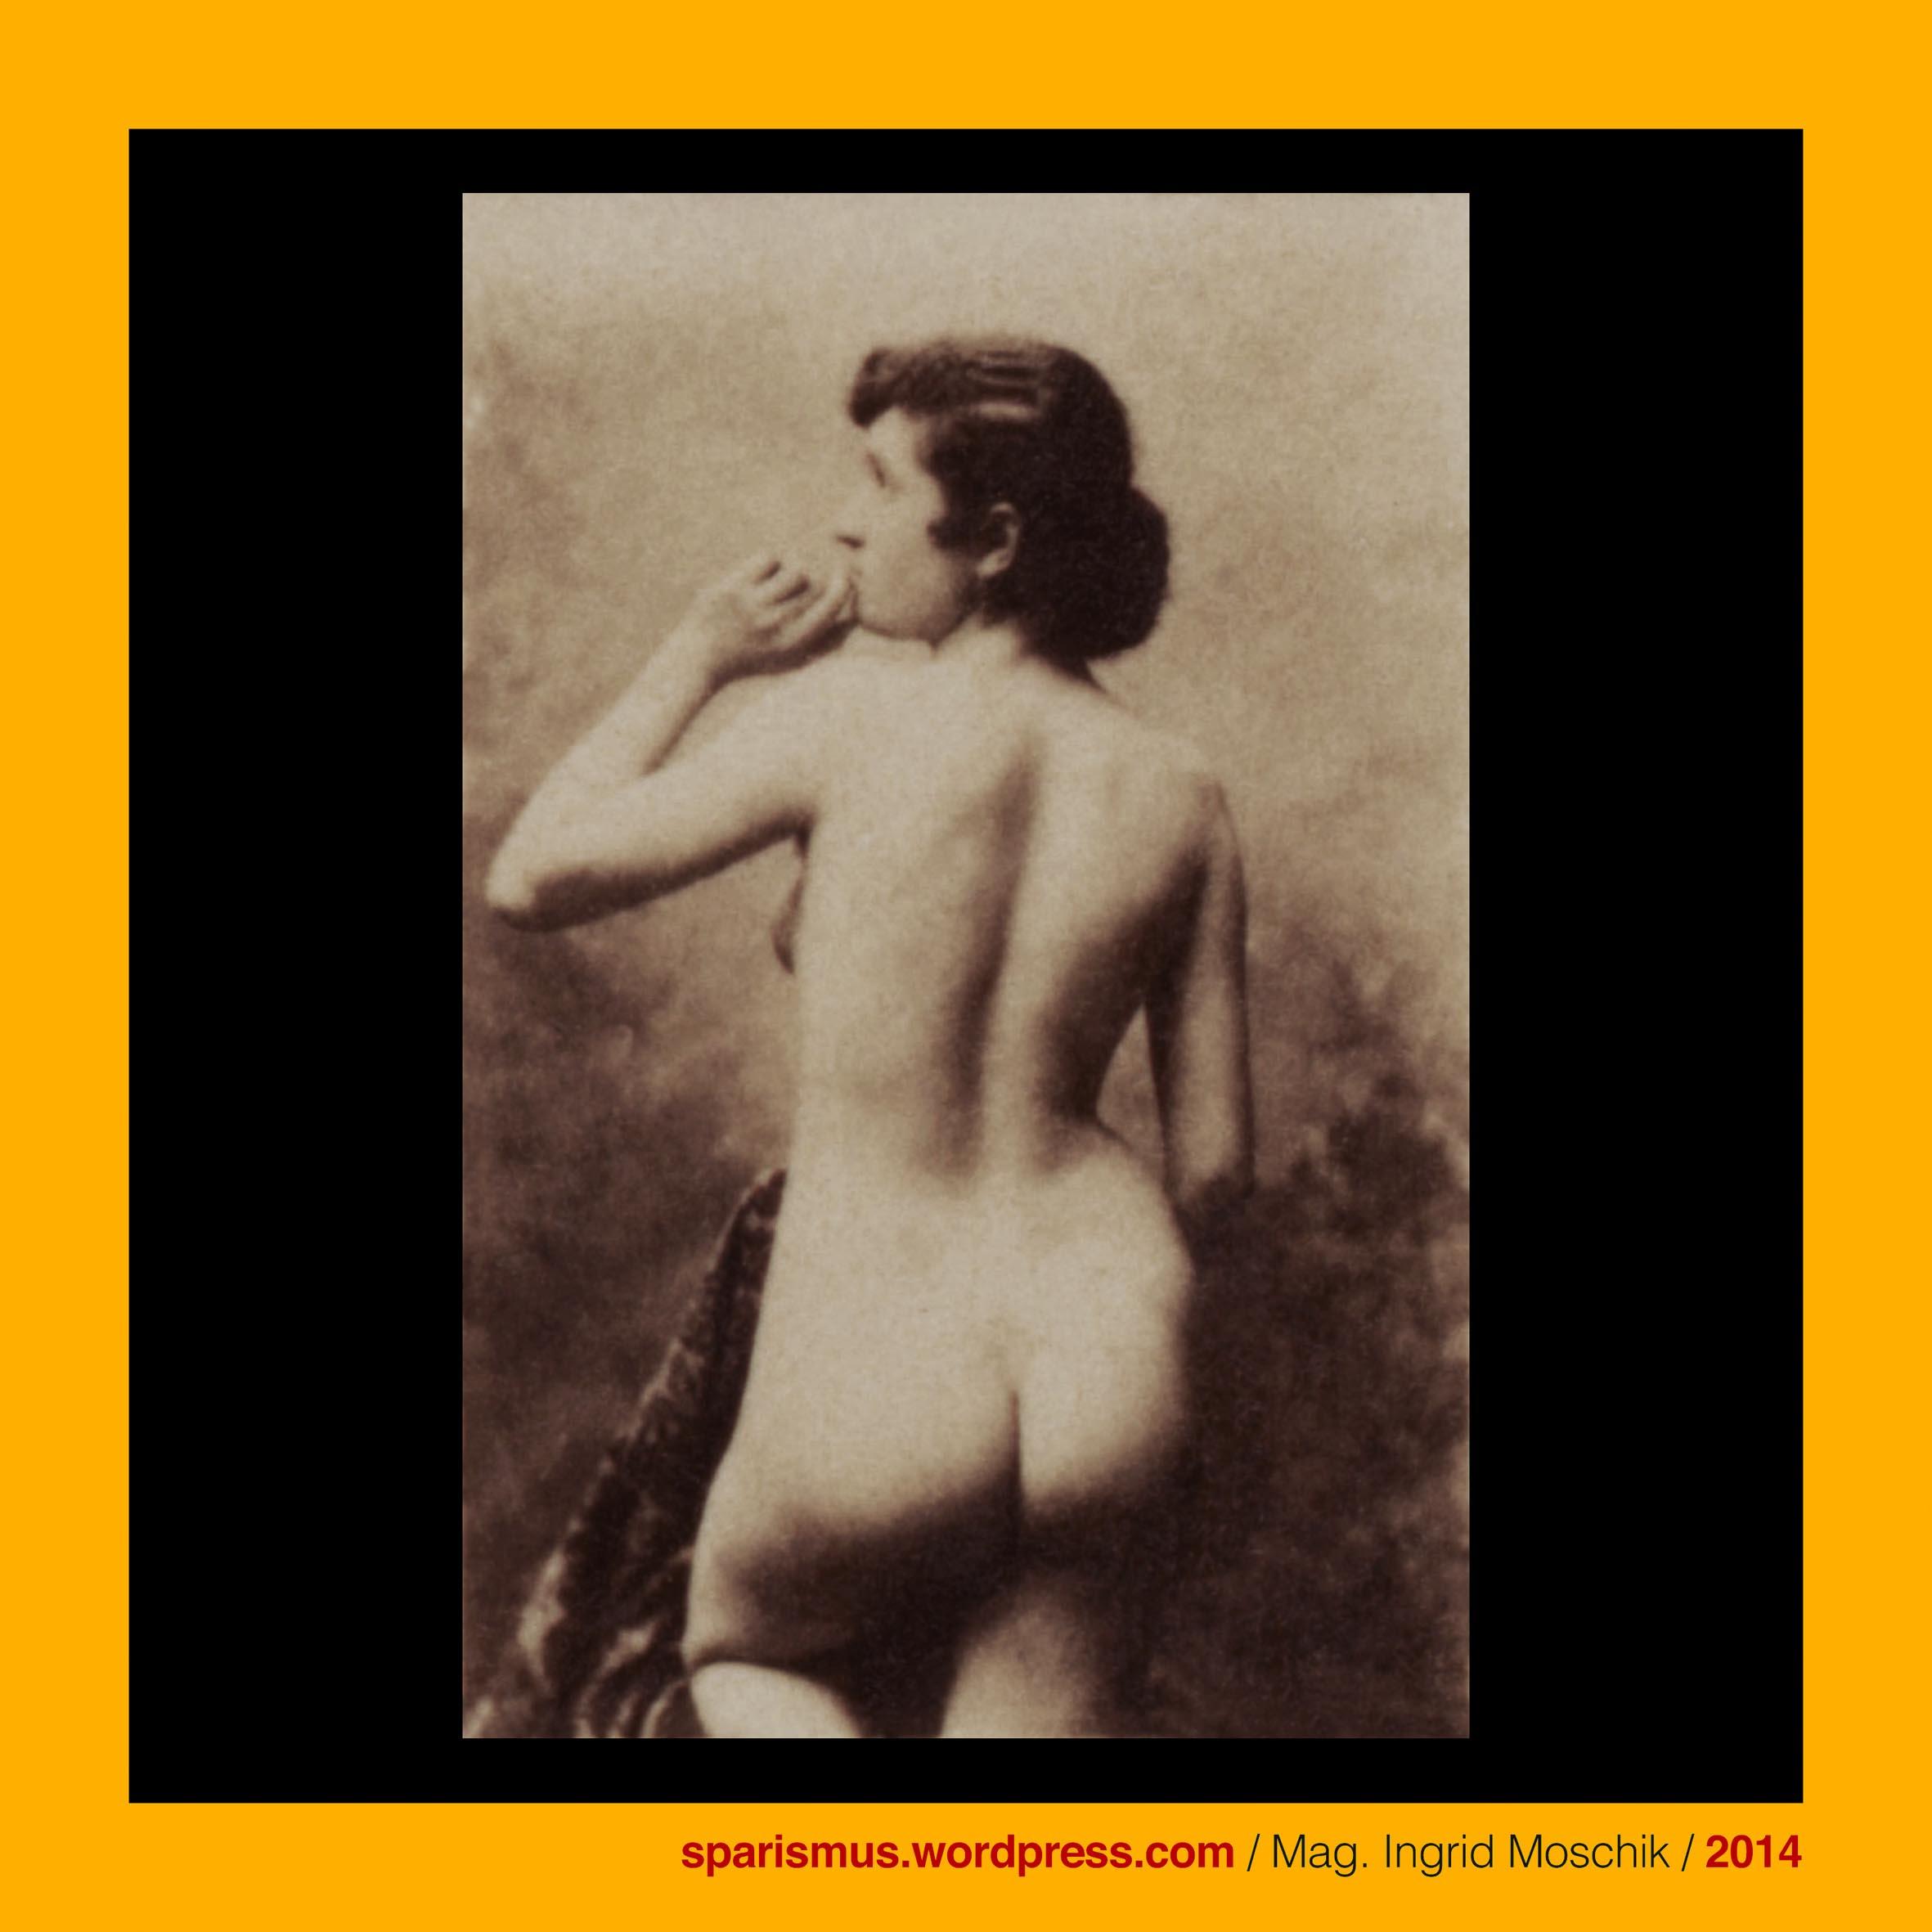 Nackte Frau stockbild Bild von aufgeworfen, fokus